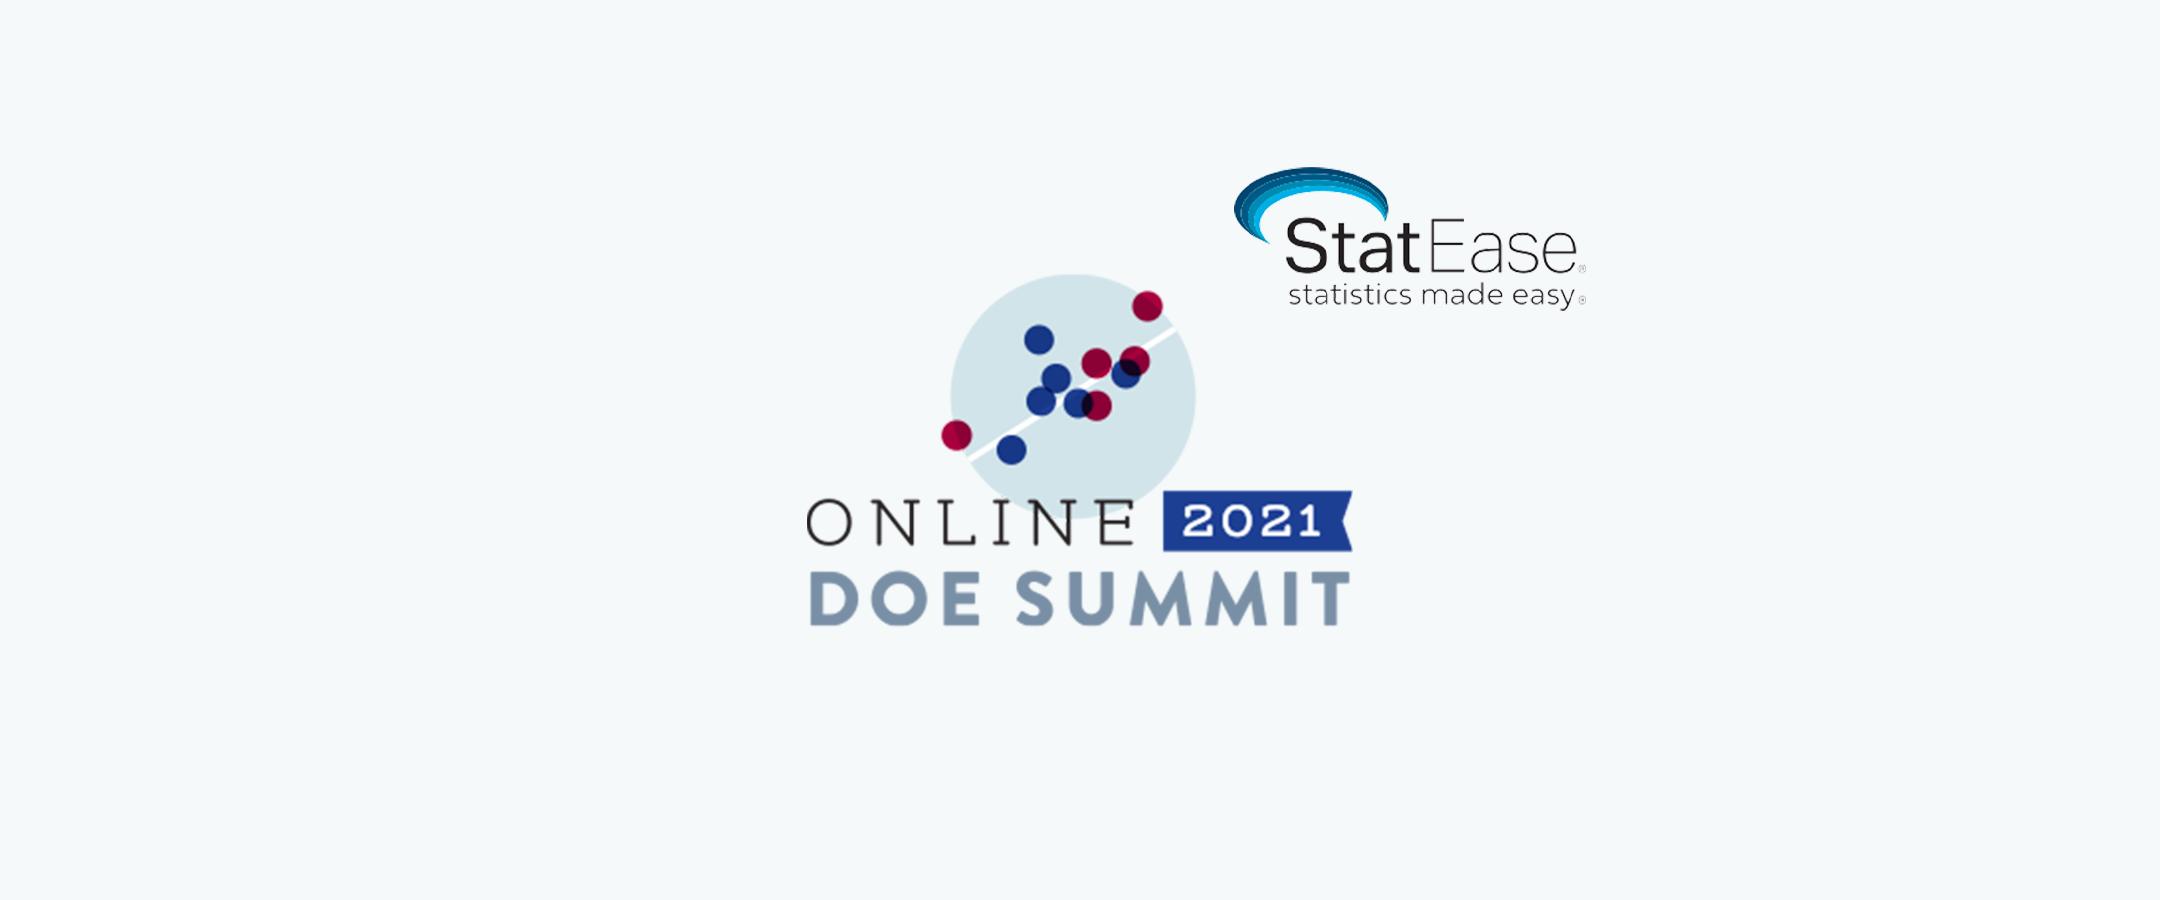 DOE Summit 2021